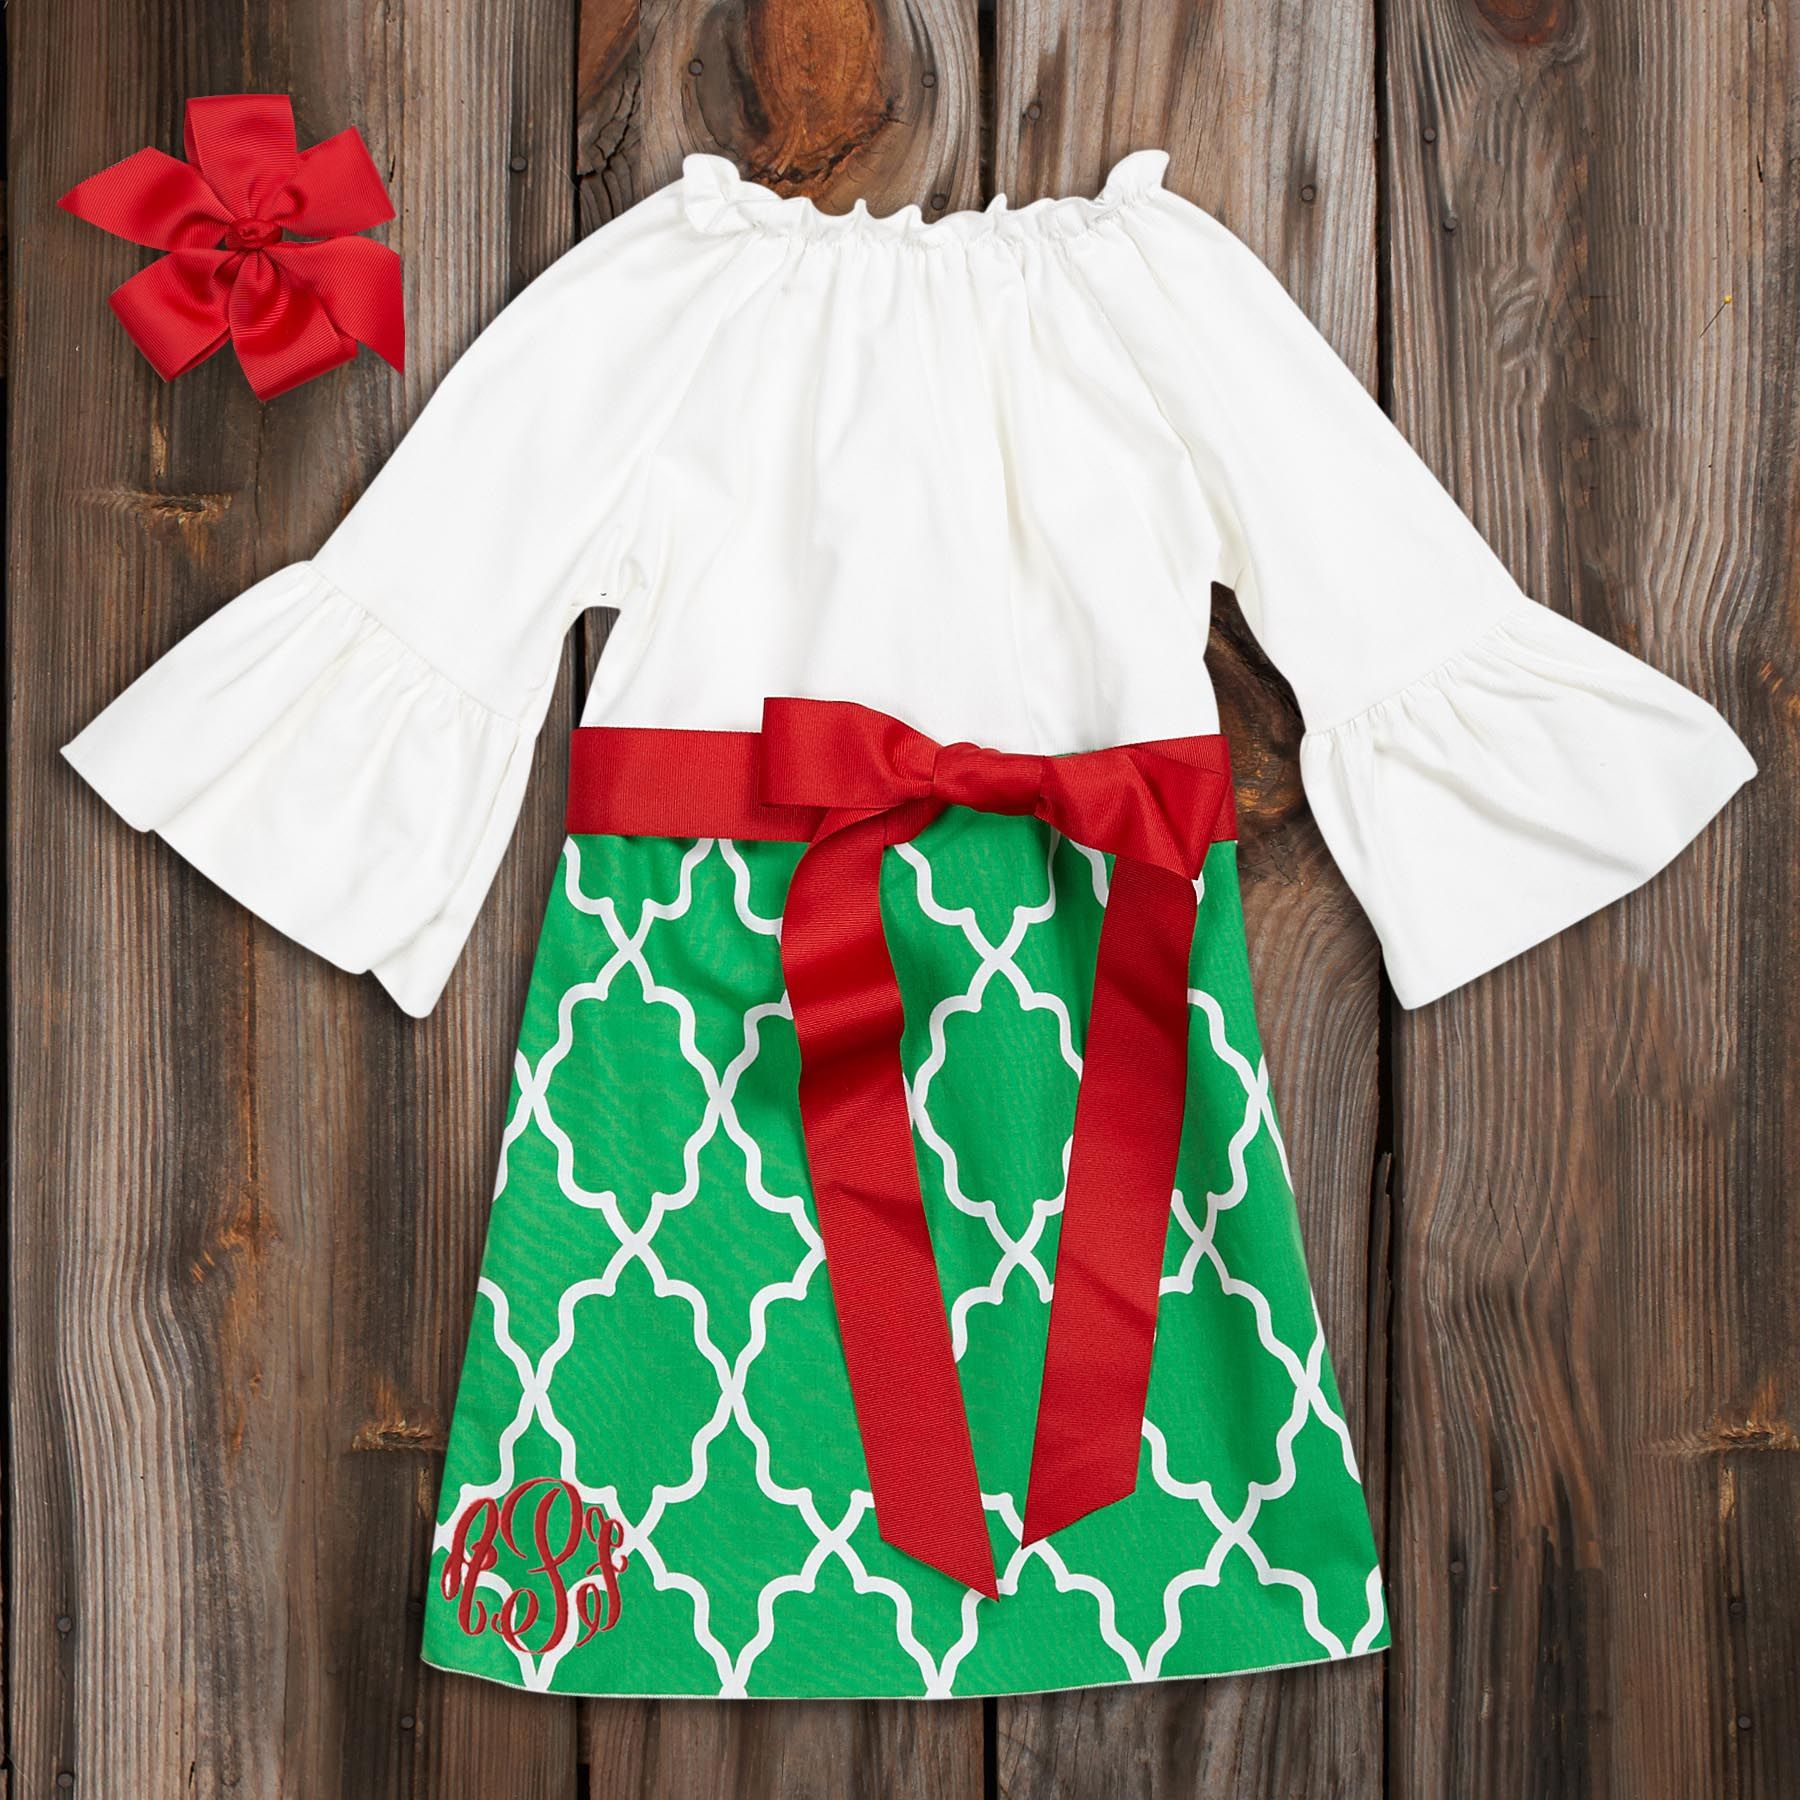 Green Lattice White Corduroy Sash Dress